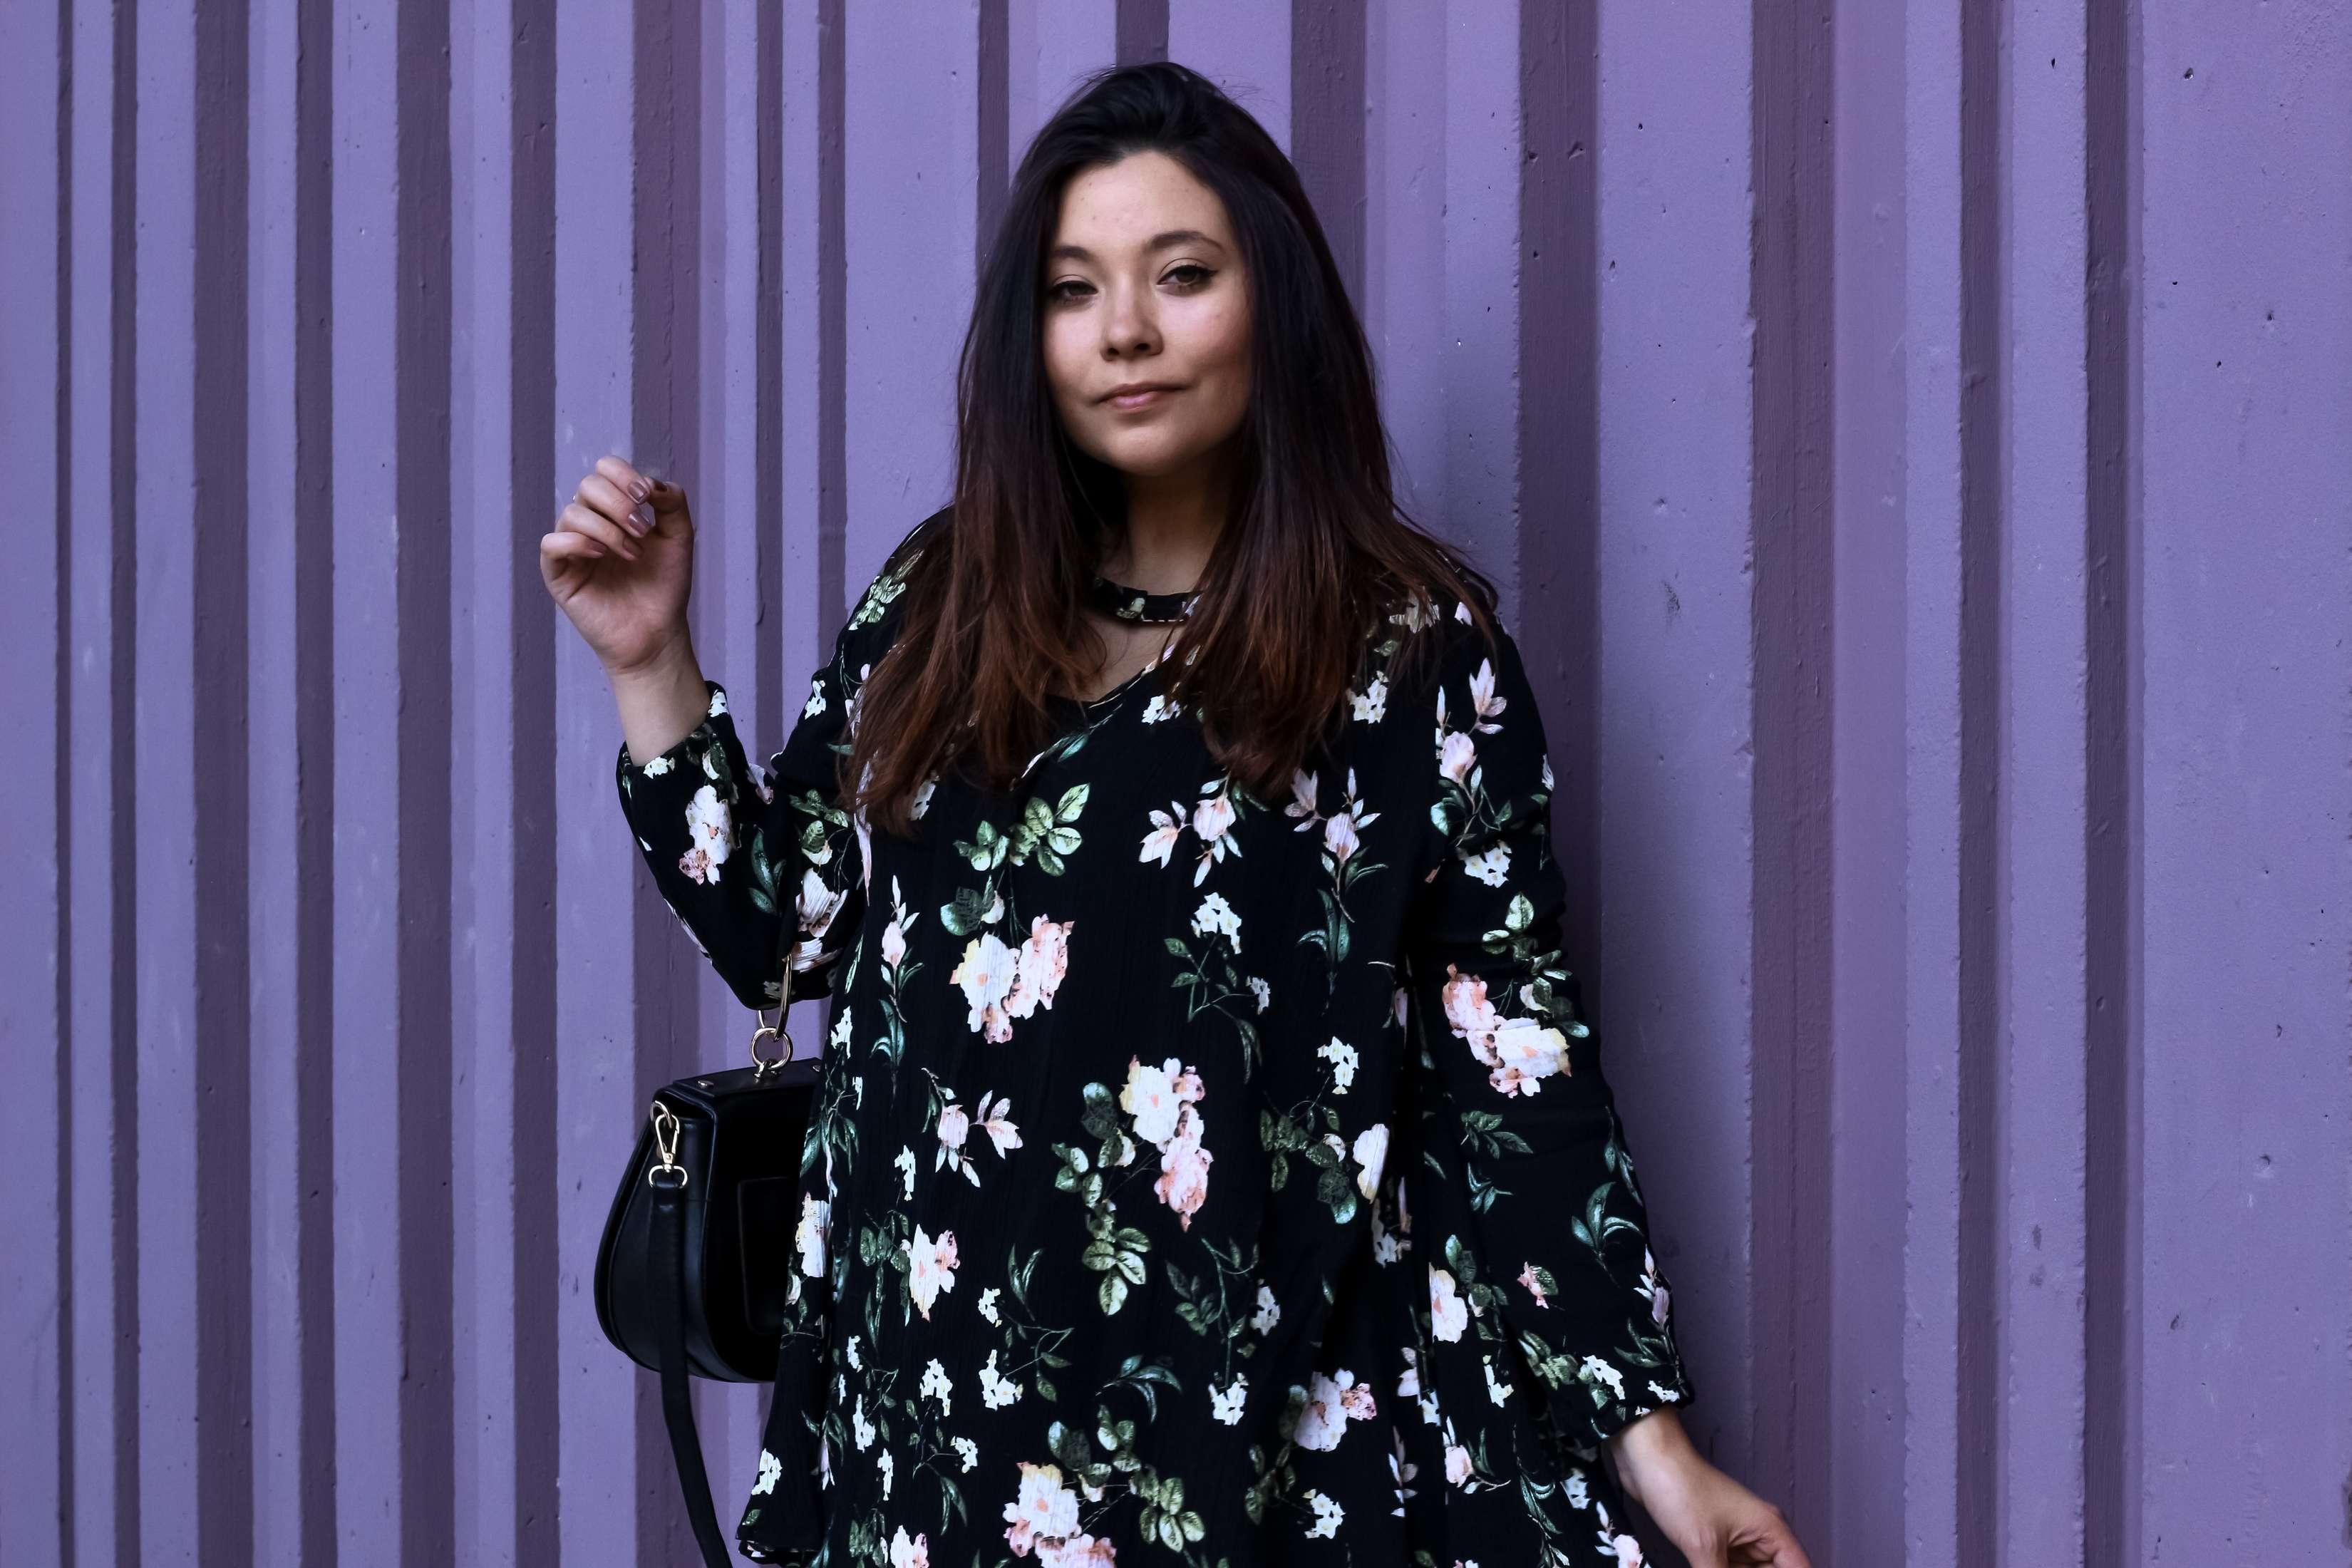 mur violet paris, mur coloré paris, blog mode, the green ananas, robe fleurs, shein, sac inspi chloé, boots inspi susana chloé, blogueuse mode, purple, boucle d'oreille xxl, beaugrenelle